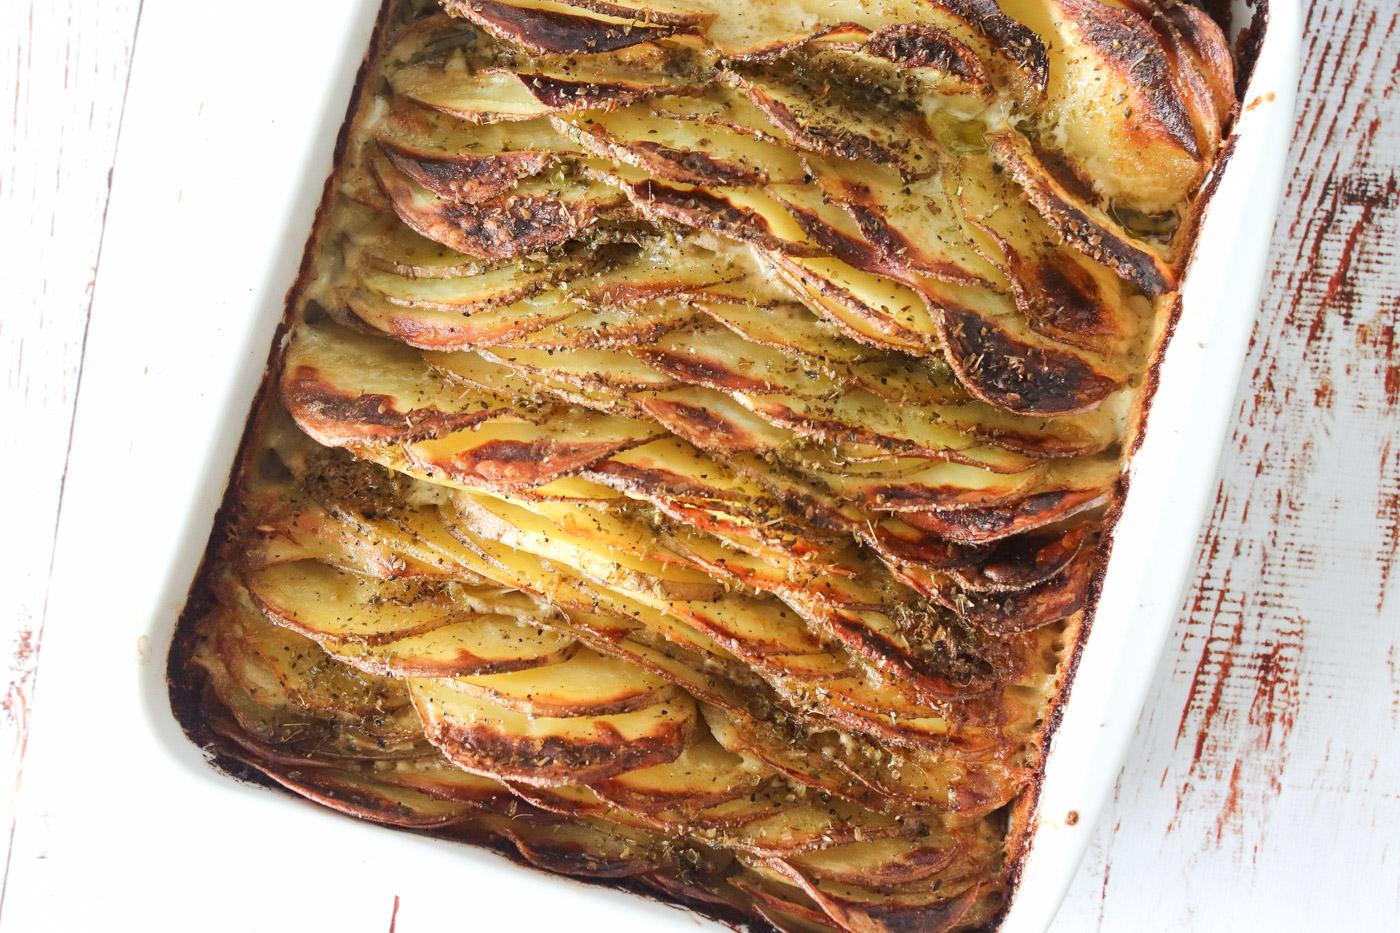 De Bedste Flødekartofler – Lækre Flødekartofler Med En Sprød Top